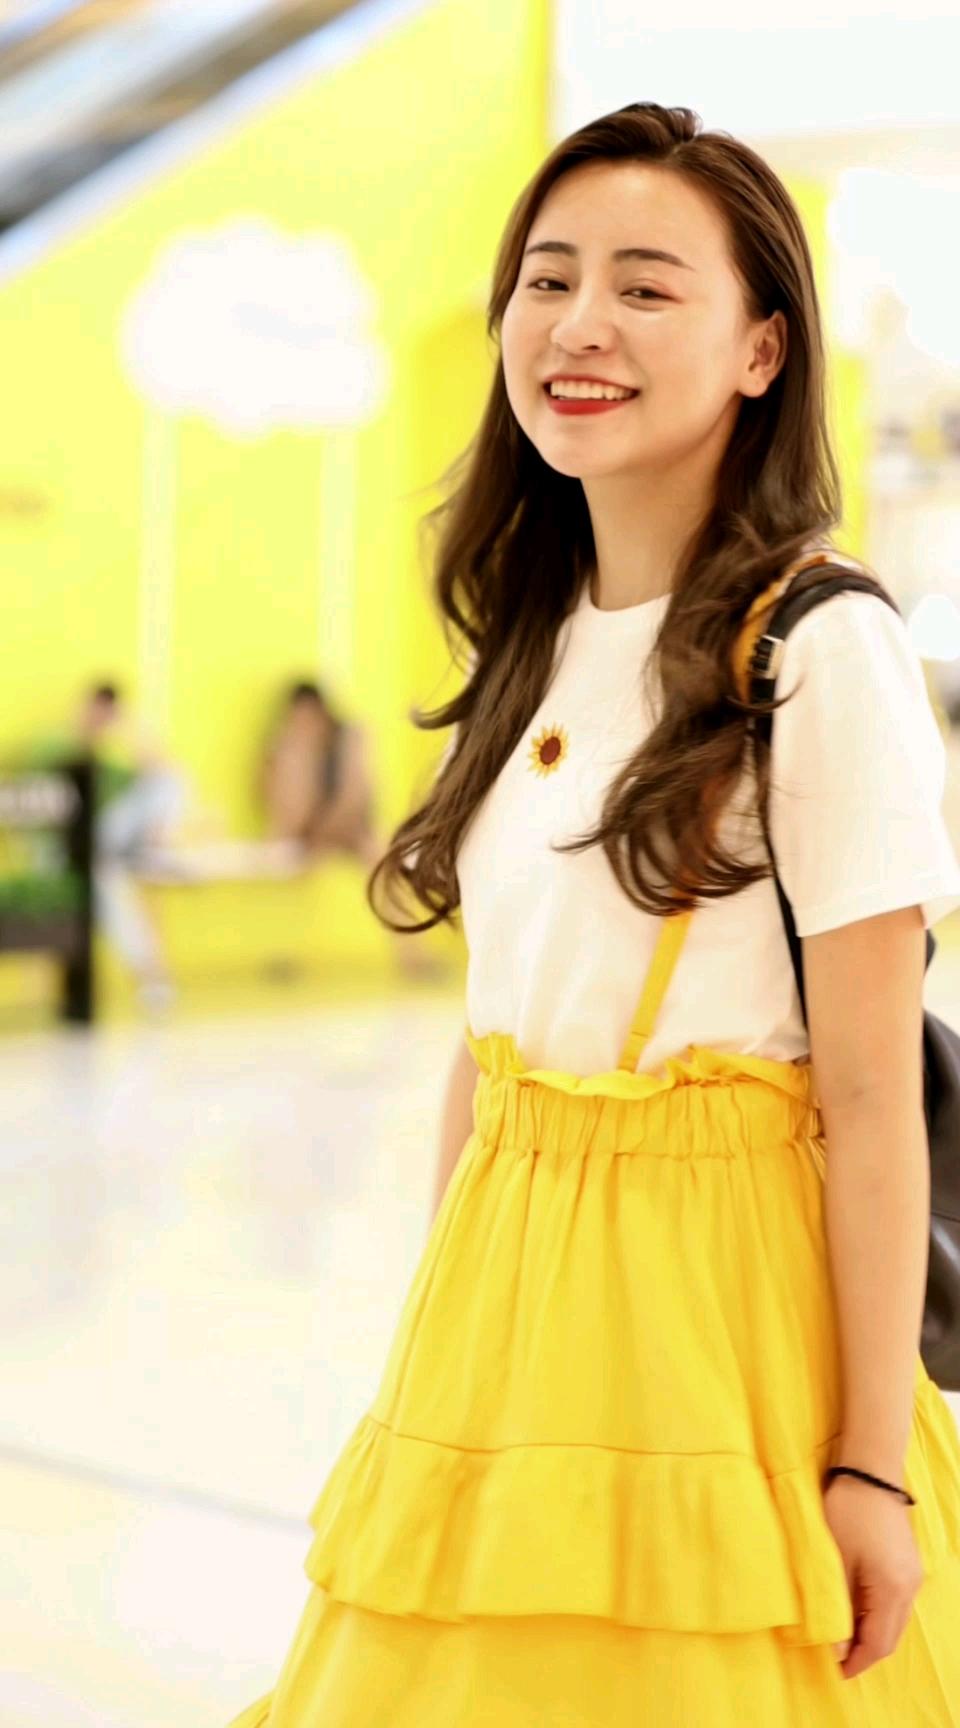 小可爱超甜笑容,像极了那朵沐浴阳光的向日葵~#穿搭 #街拍#七夕作战裙,李现女友都穿了!